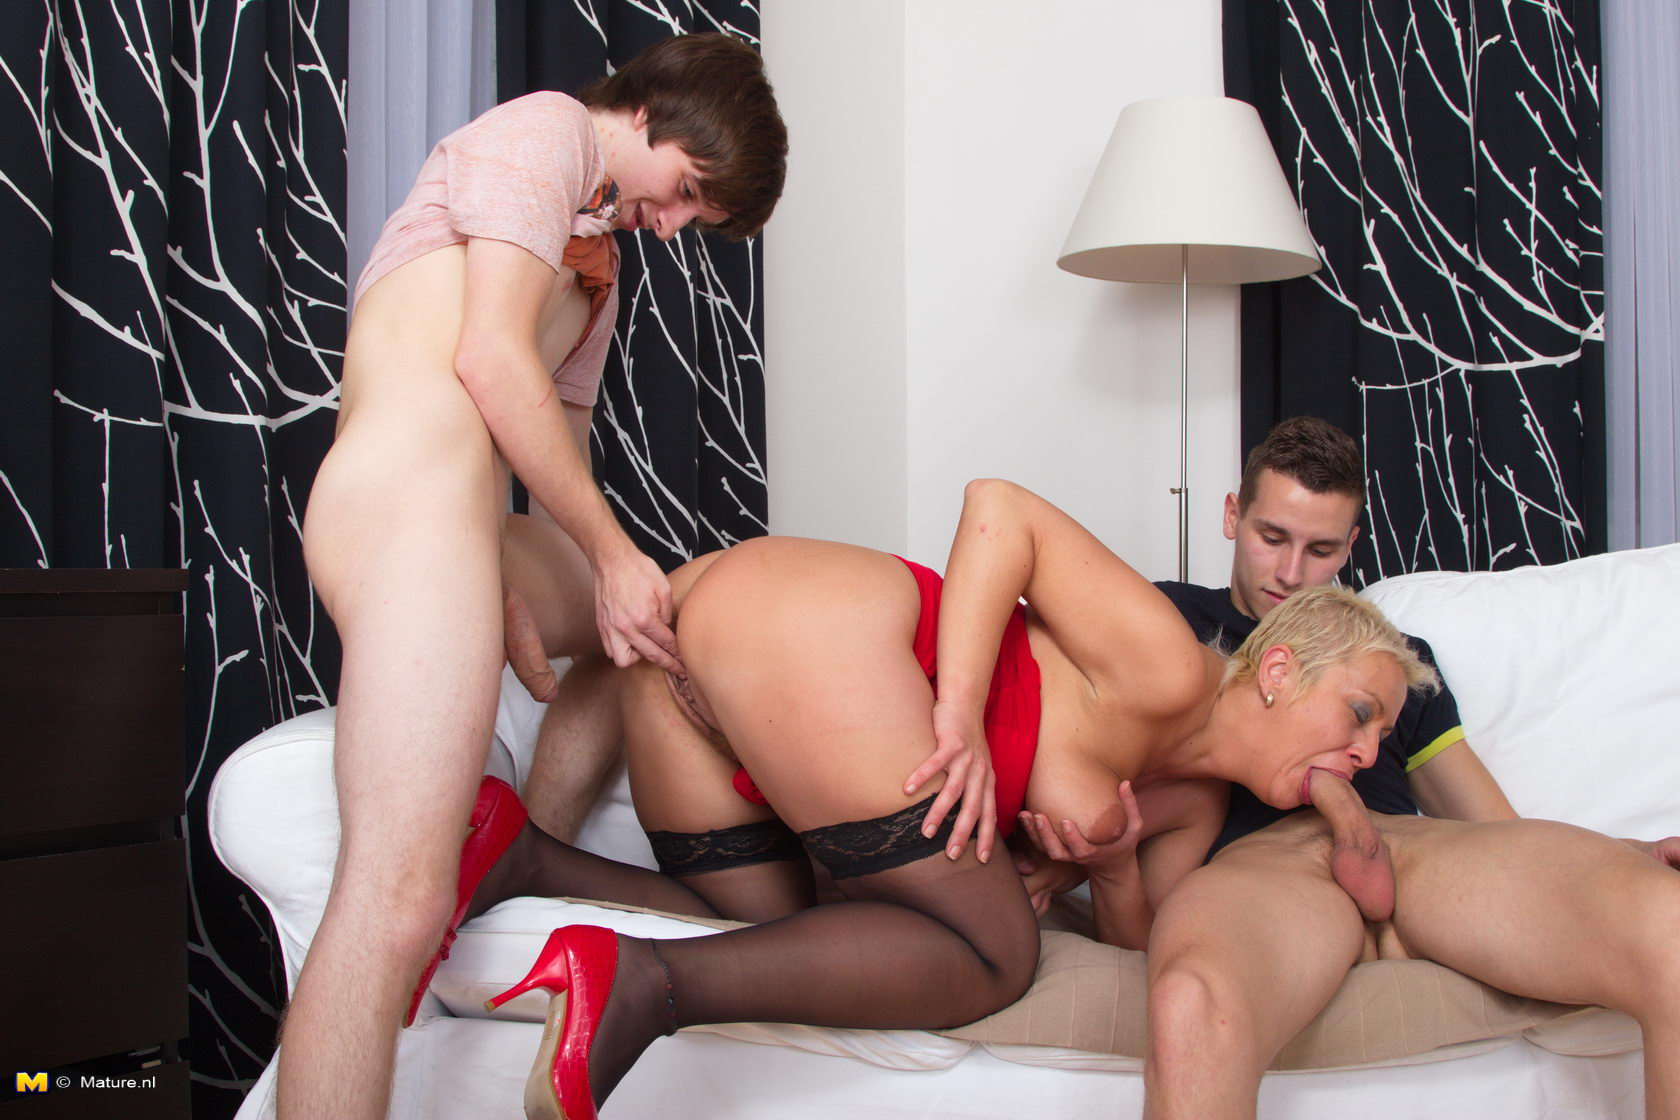 Смотреть онлайн порно со зрелыми мулатками 28 фотография